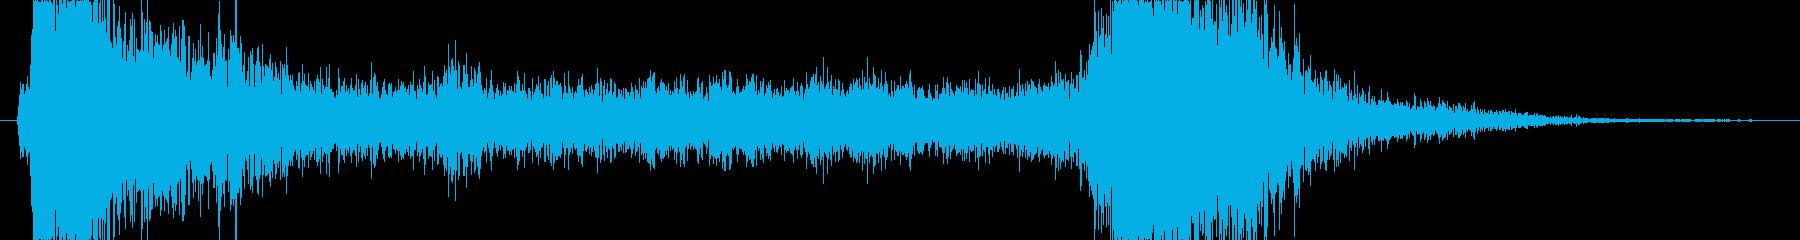 トランジション プロモーションパッド01の再生済みの波形